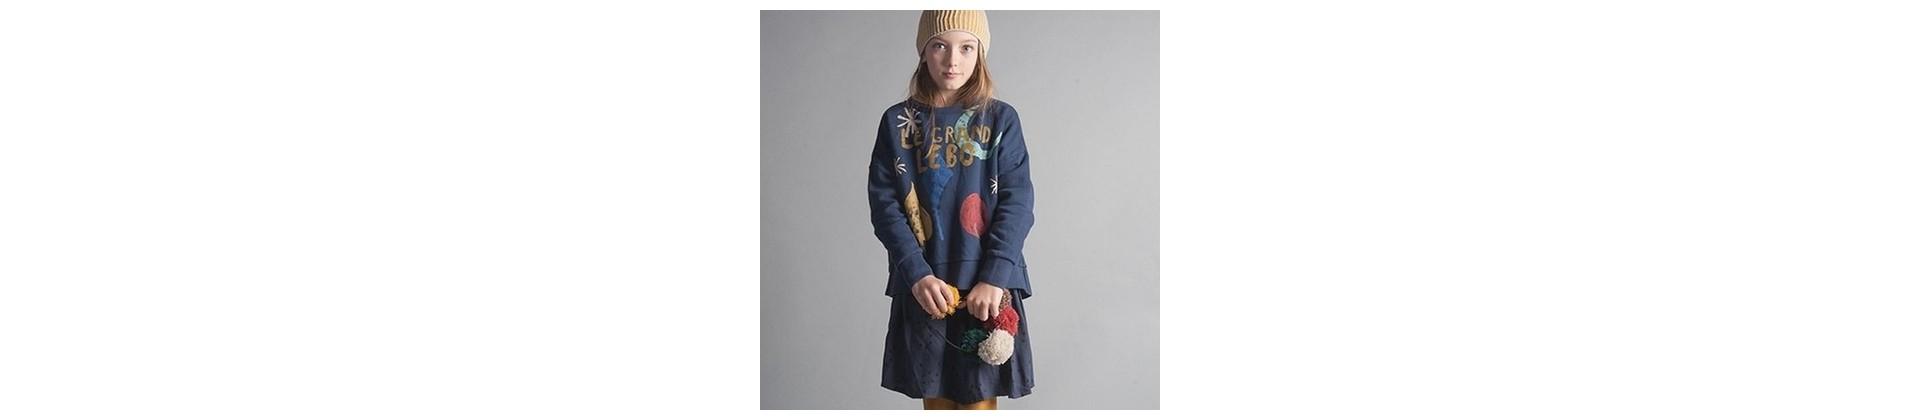 Mode enfant hiver